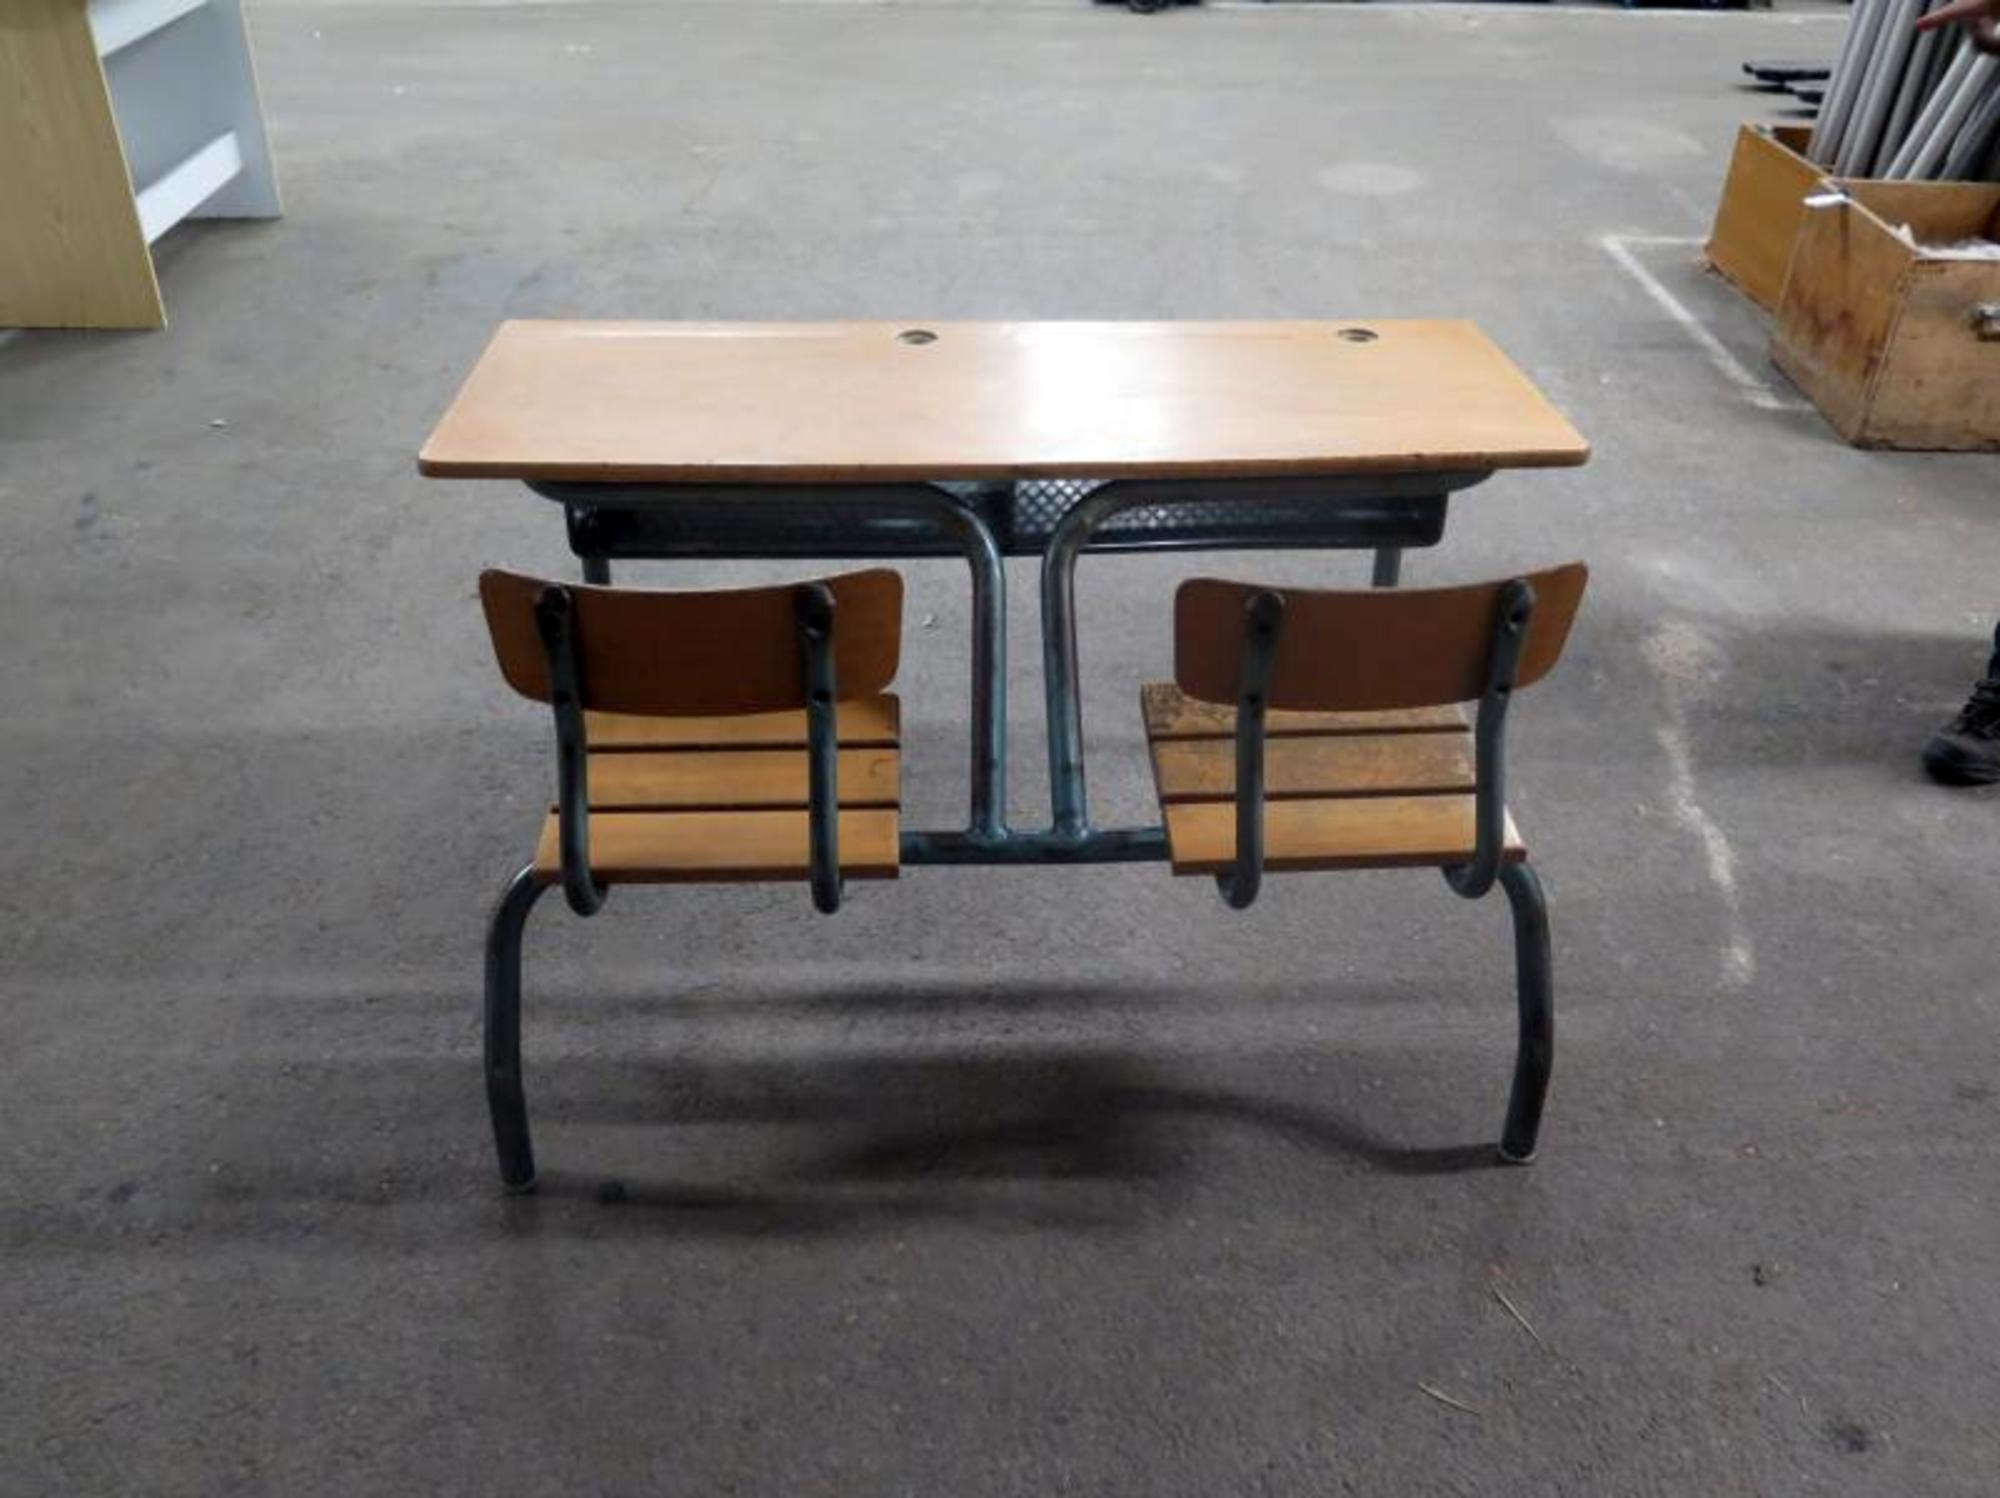 ancien bureau d 39 coliers mobilier scolaire d 39 occasion aux ench res agorastore. Black Bedroom Furniture Sets. Home Design Ideas